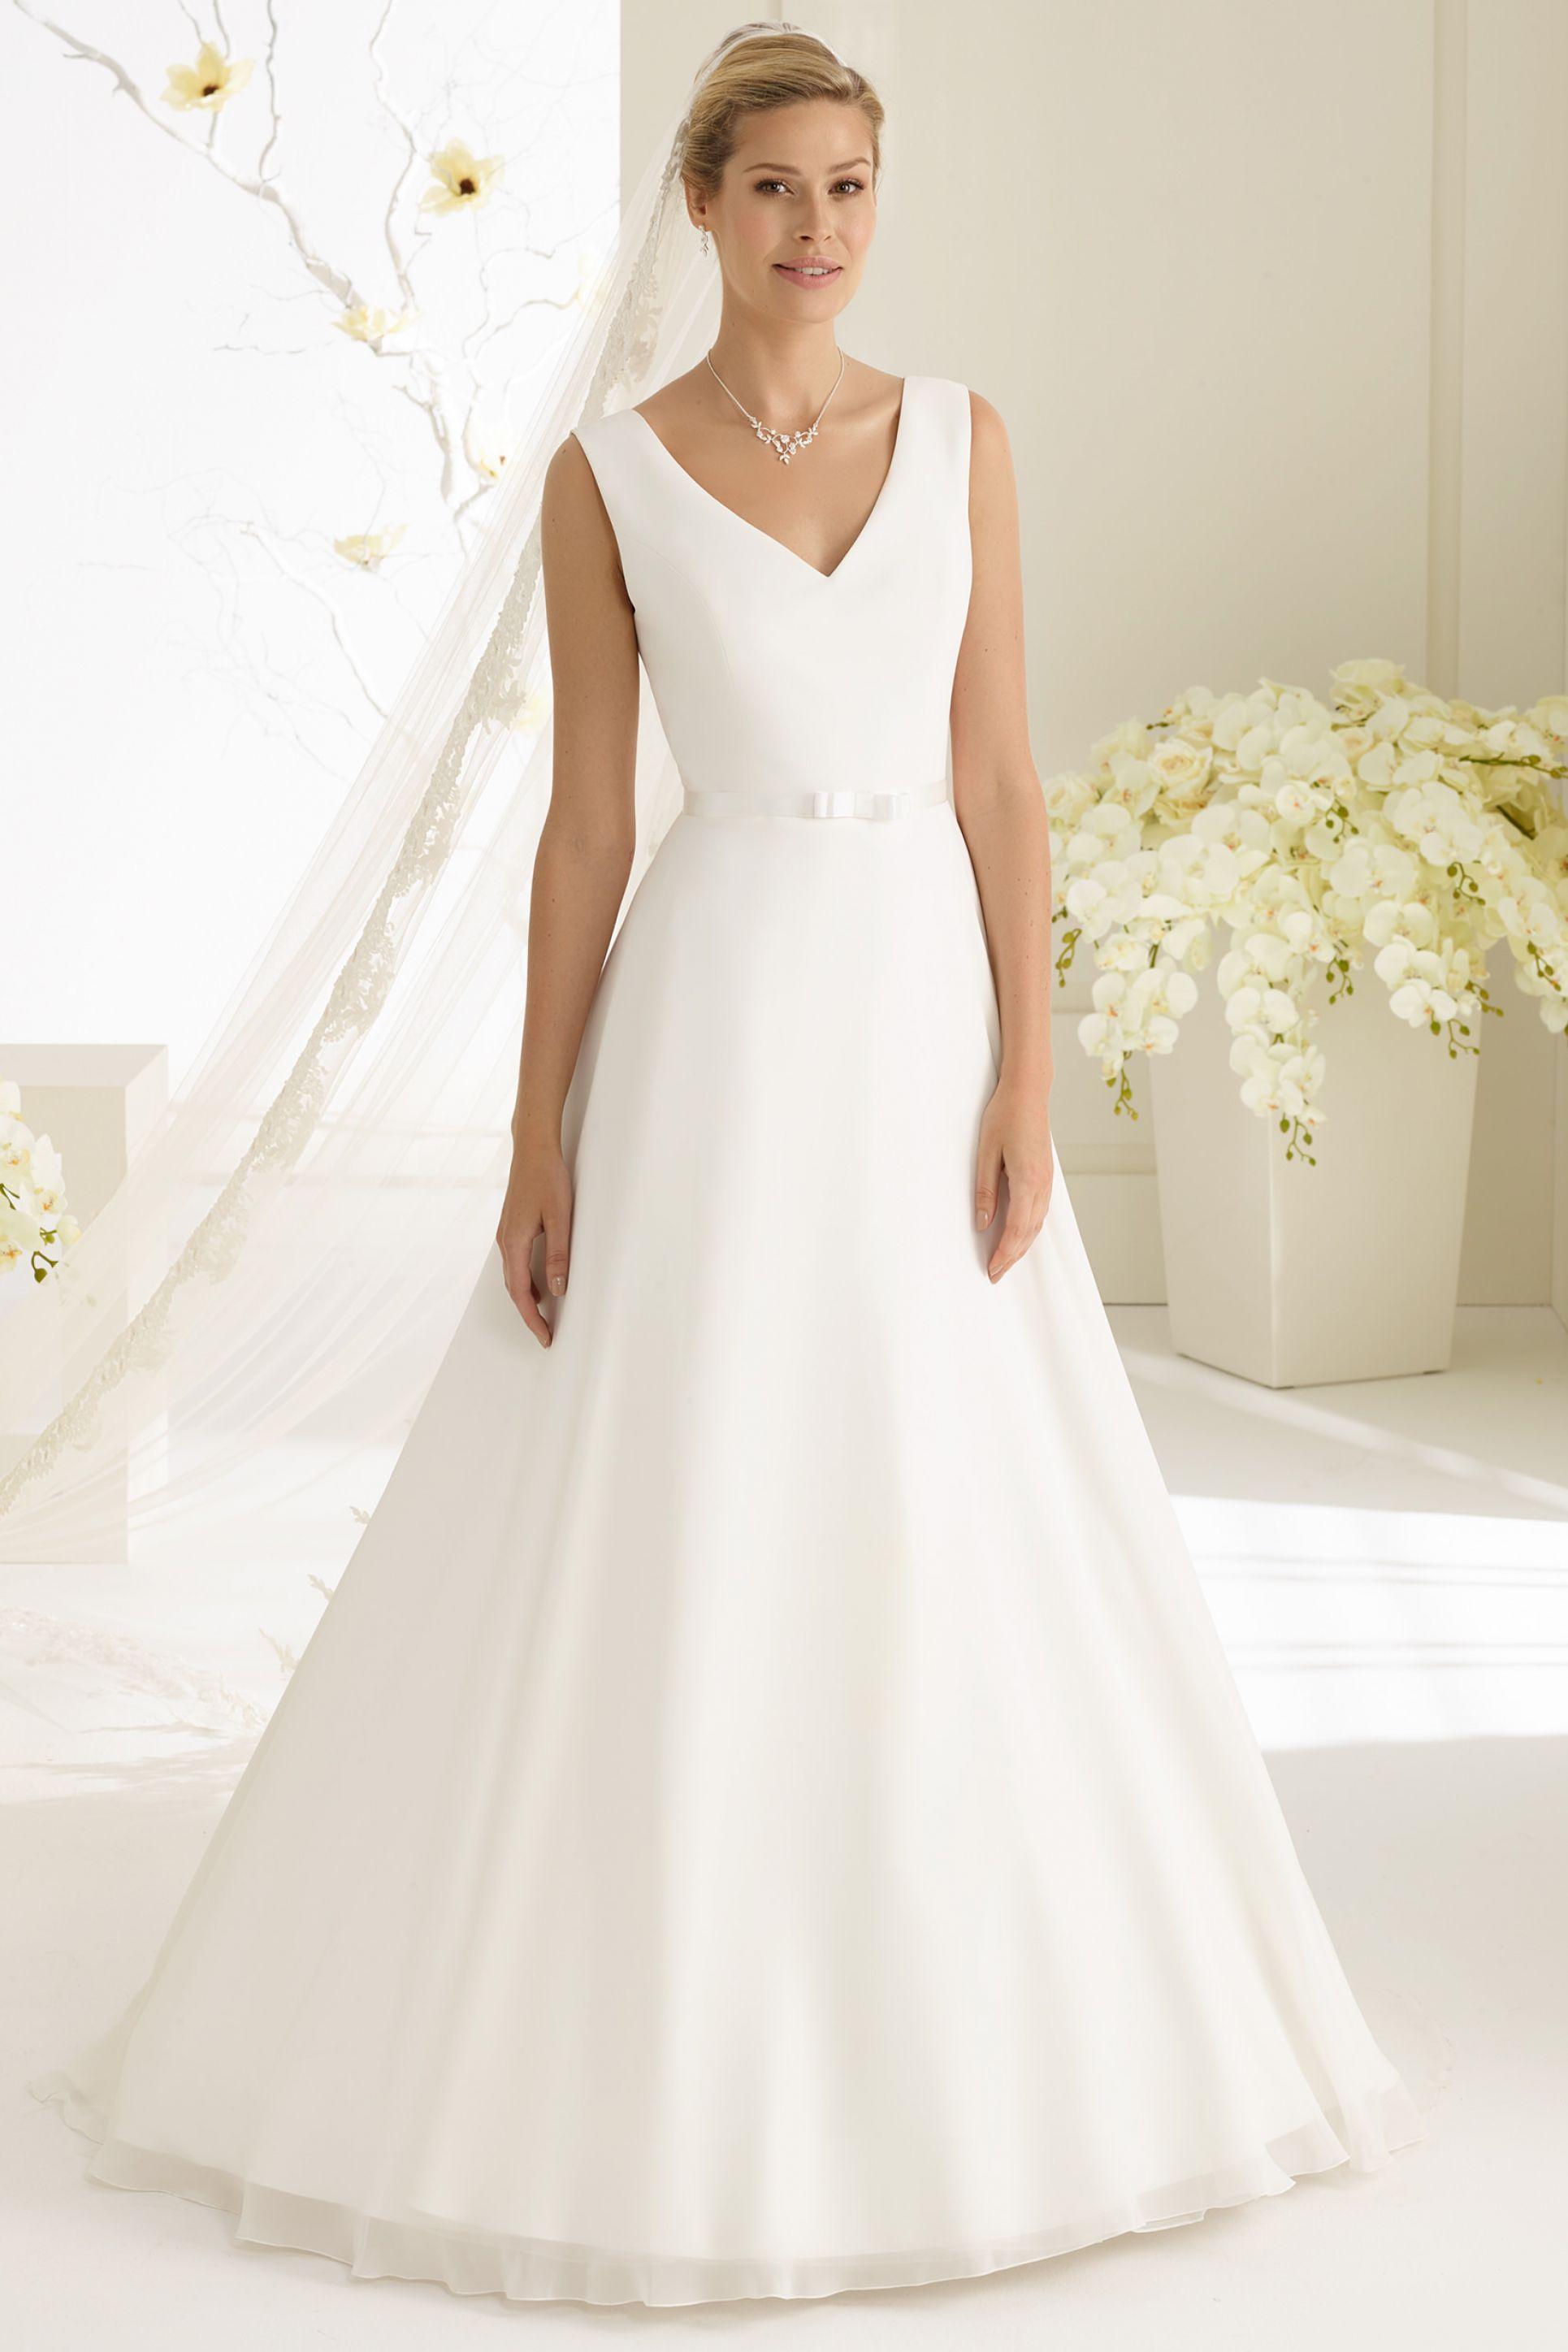 7dc2037afaf Νυφικό «Dalia» - Νυφικά Θρησκευτικού Γάμου | Νυφικά Είμαι Νύφη